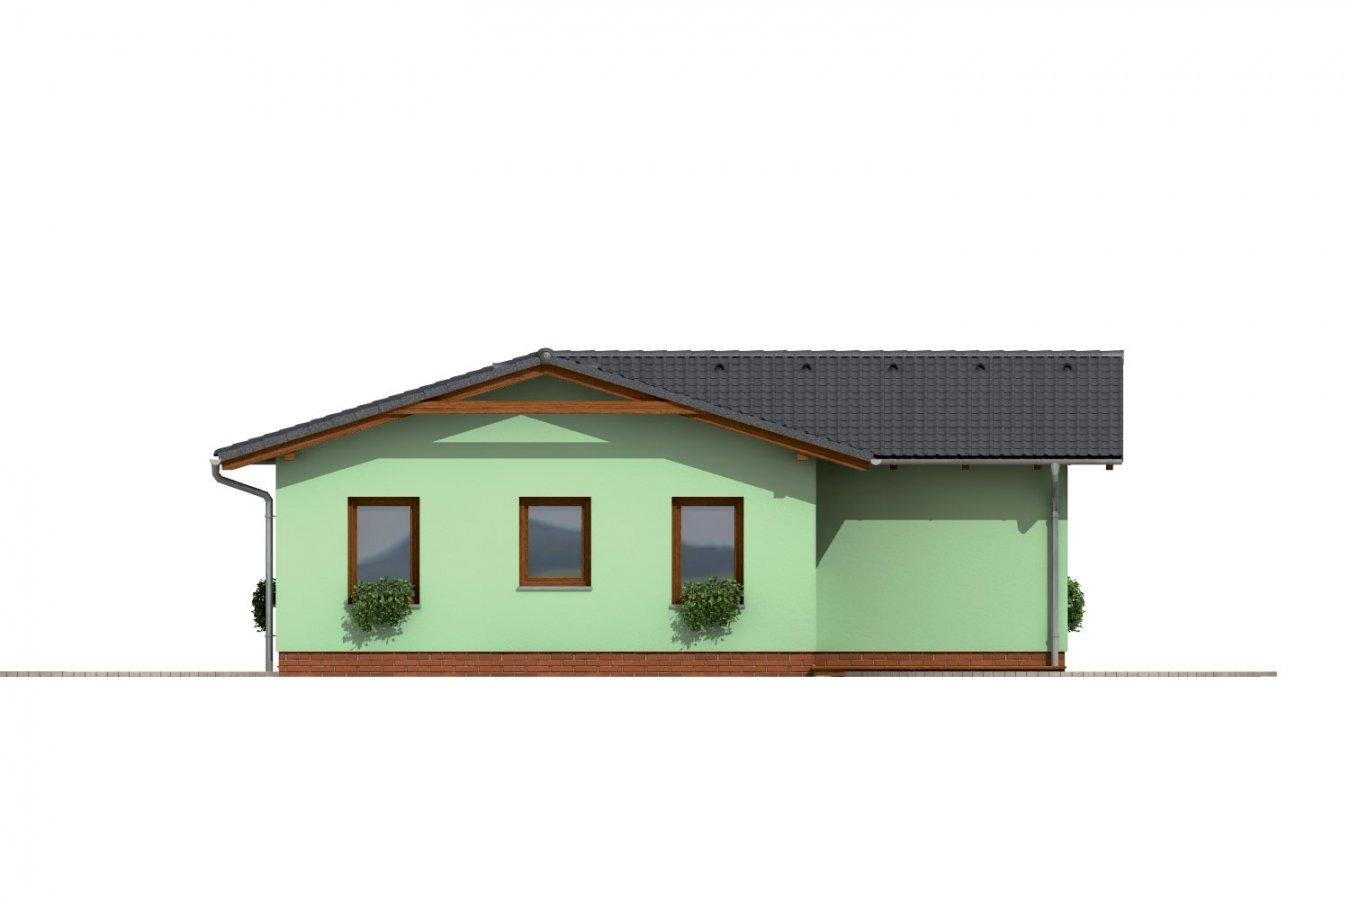 Pohľad 4. - Dom do L so sedlovou strechou